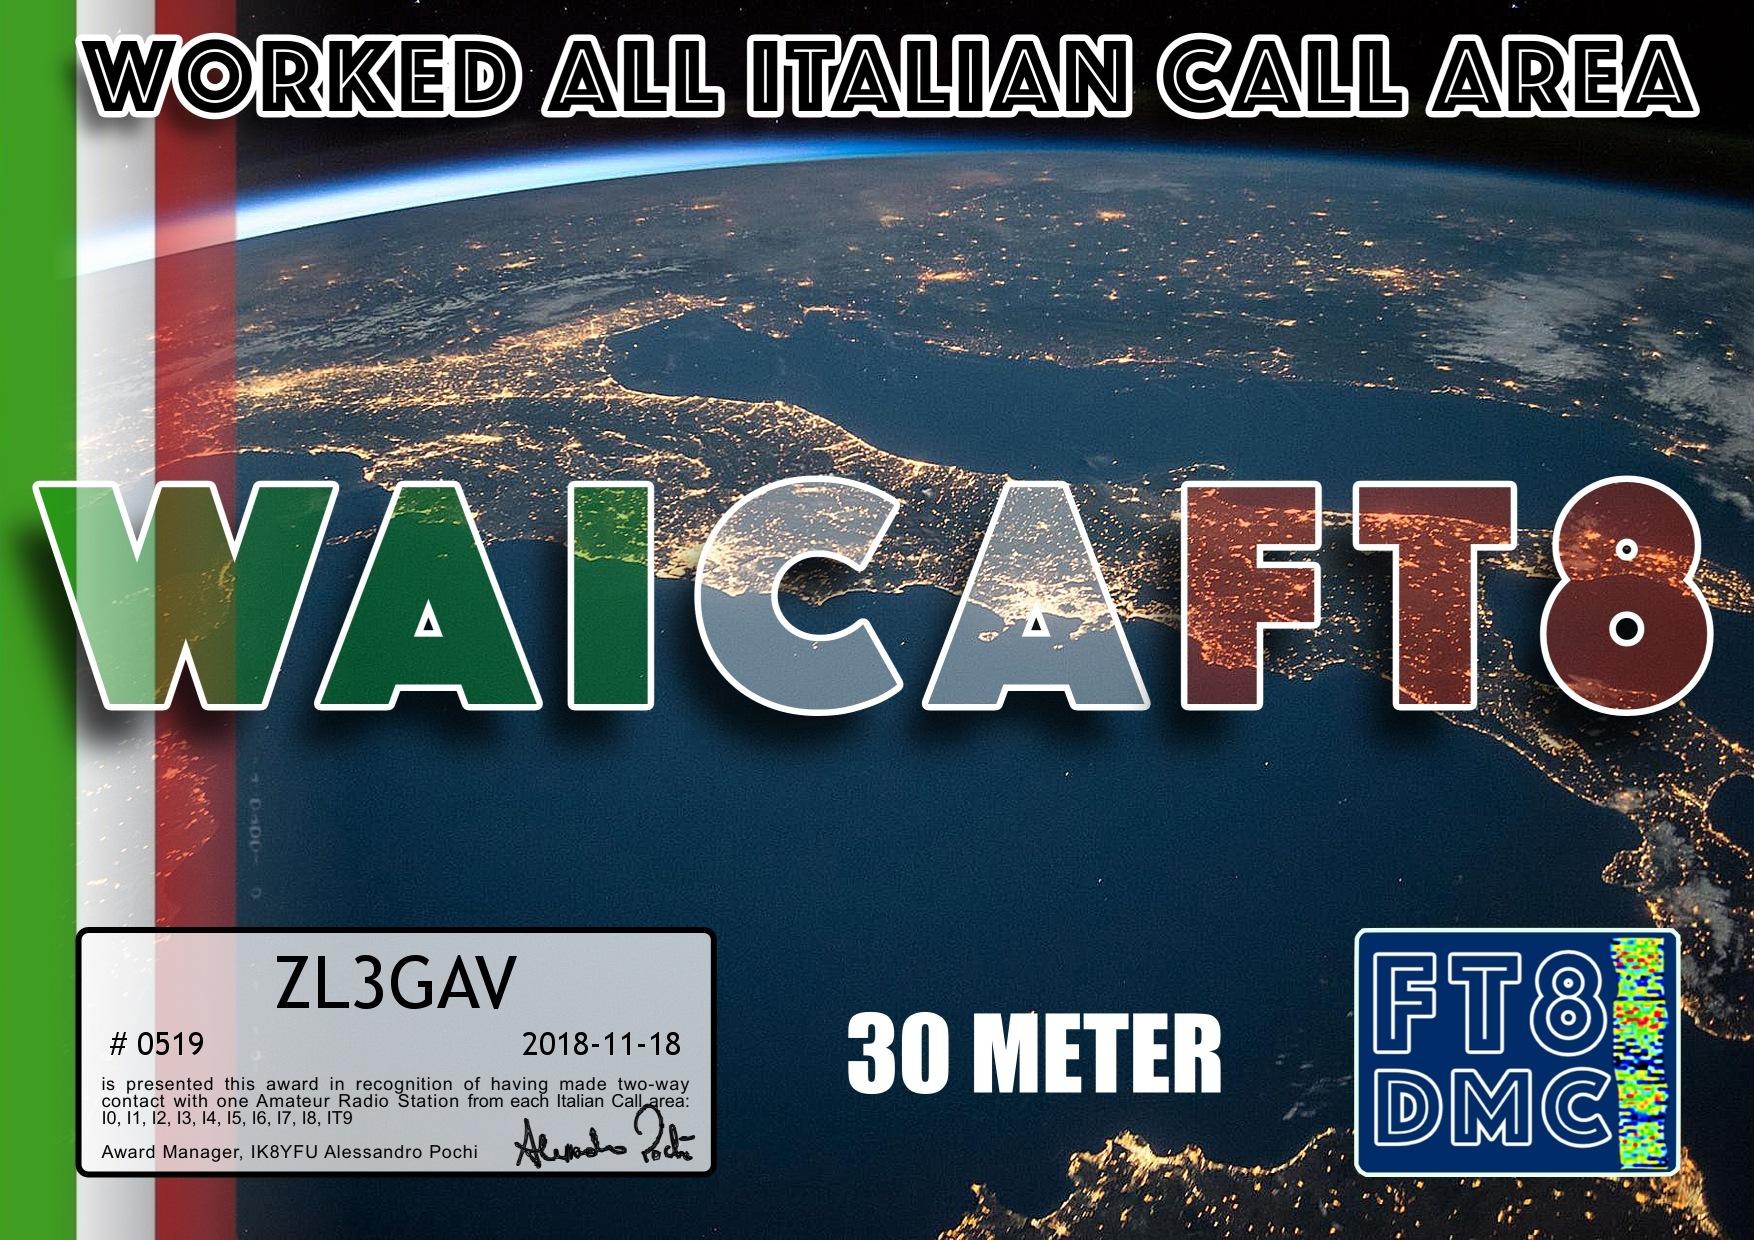 ZL3GAV-WAICA-30M.jpg